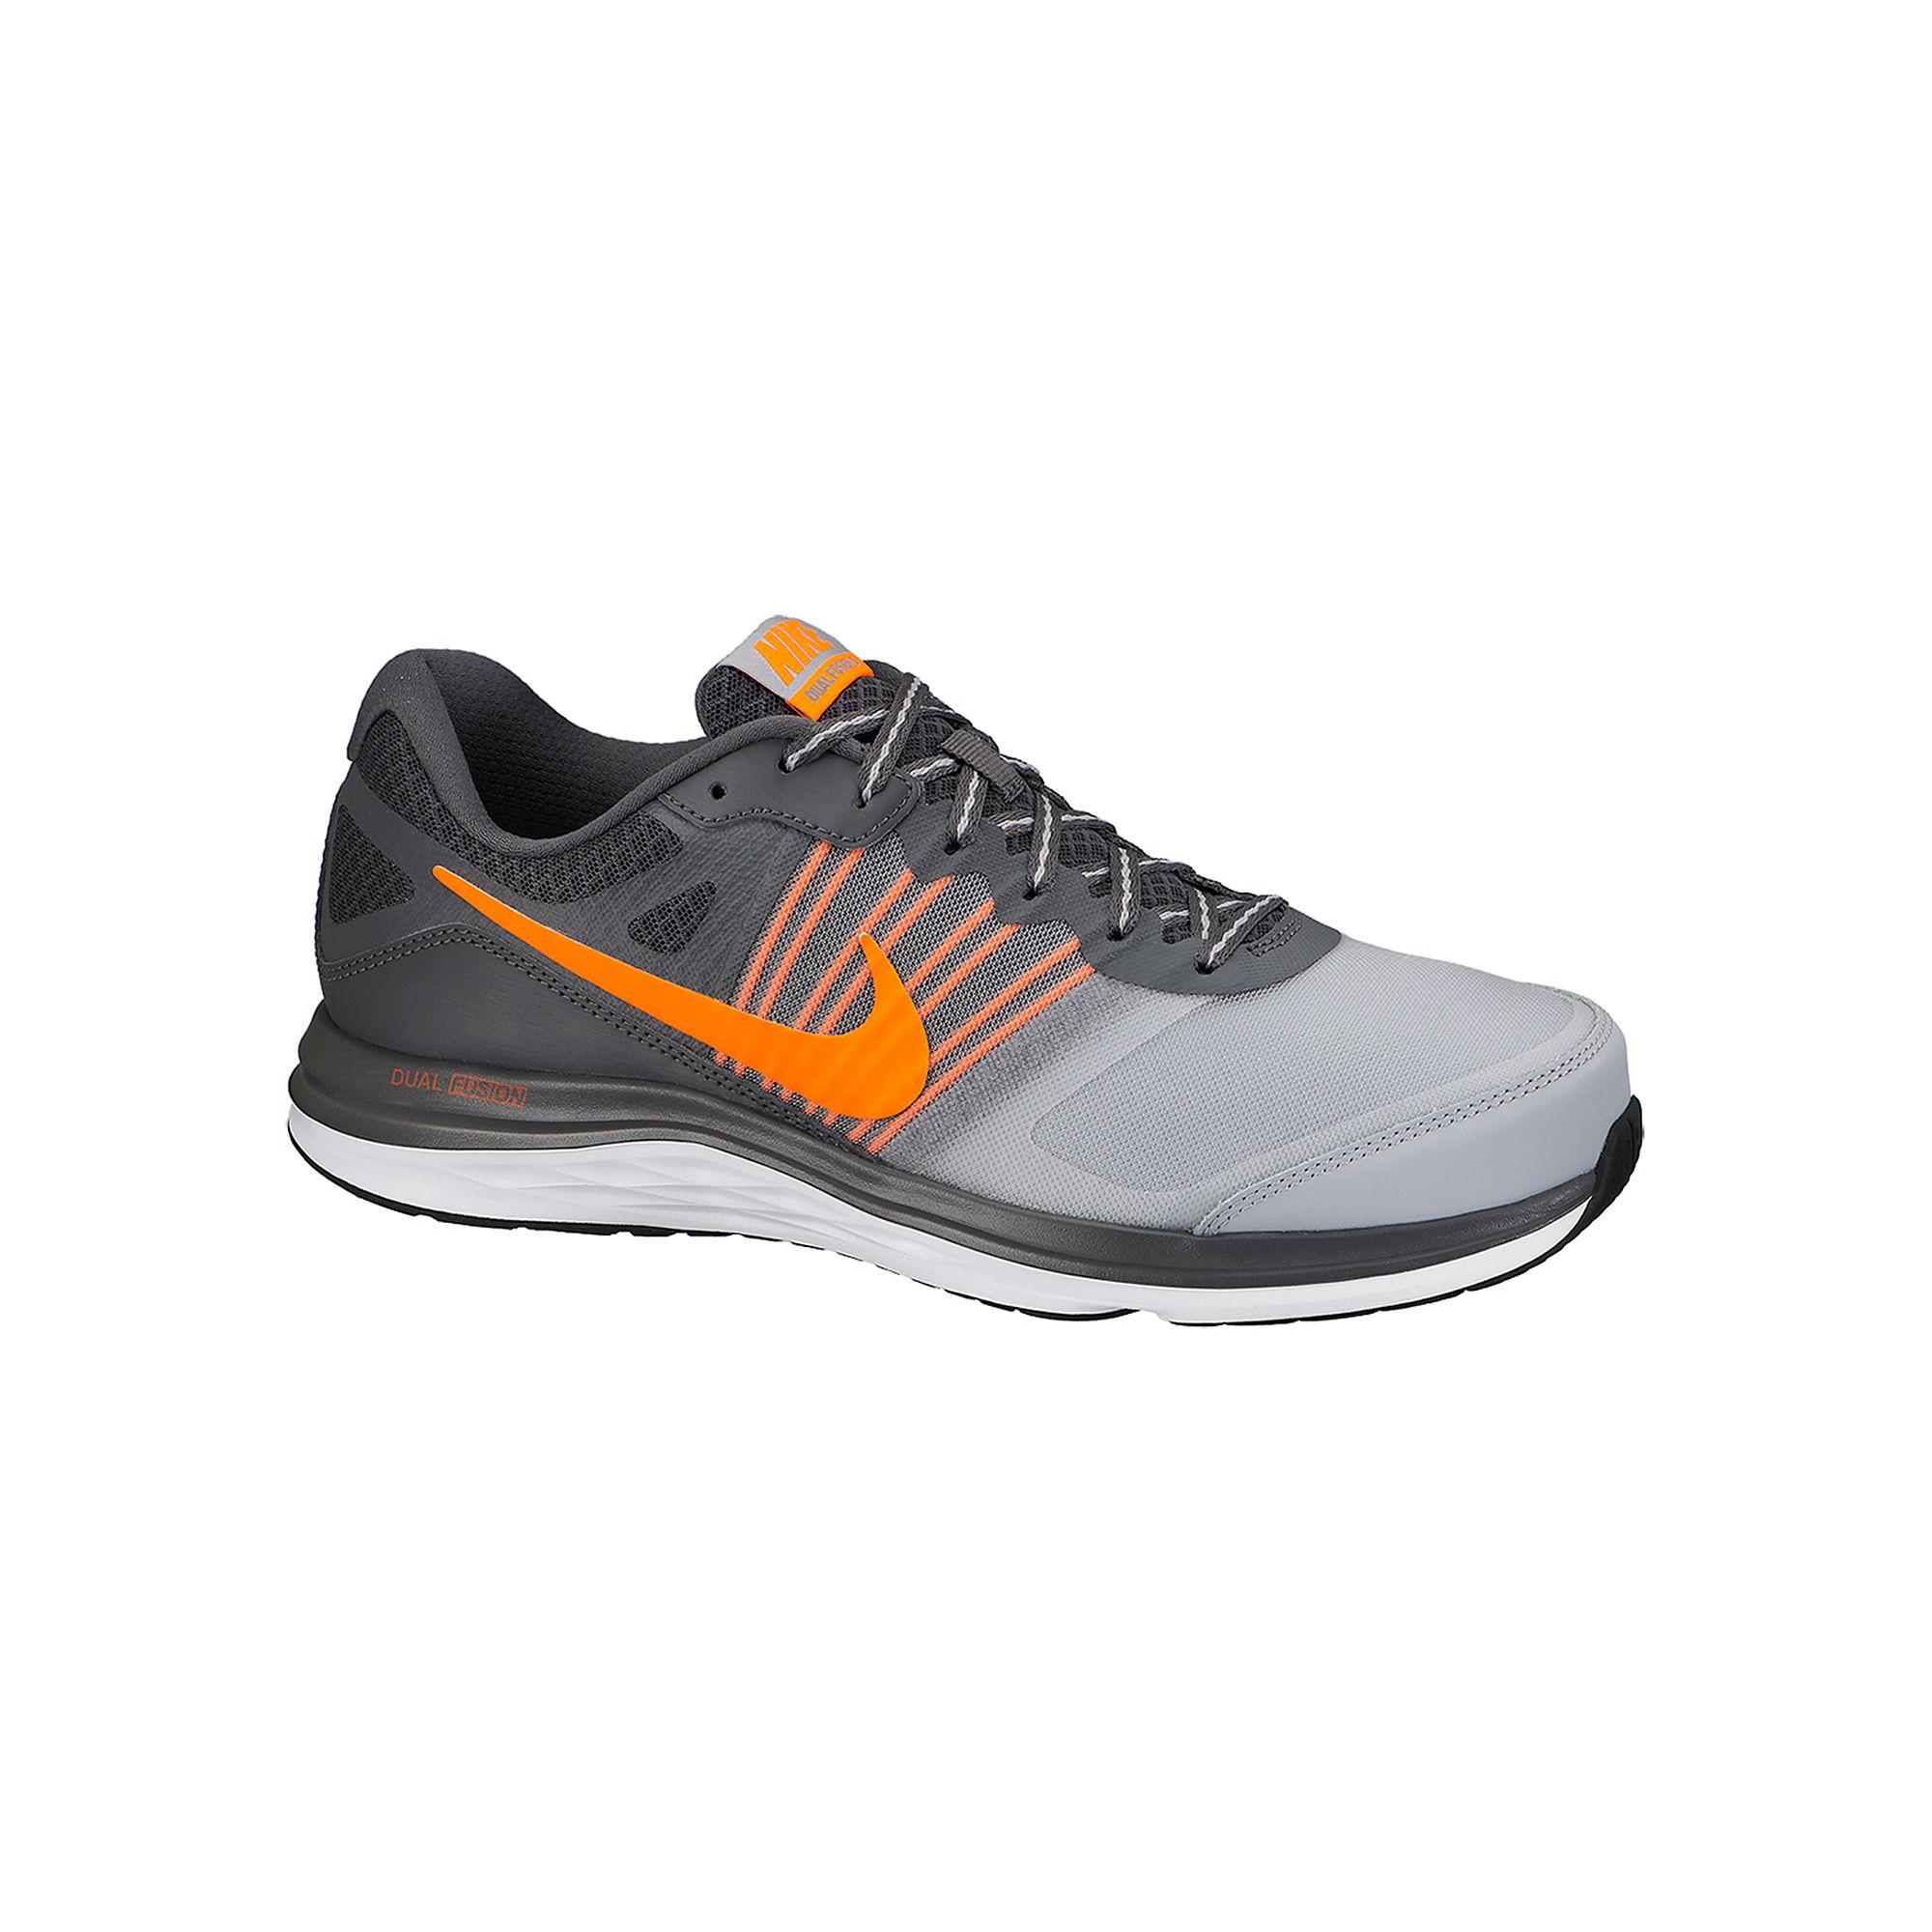 Nike Dual Fusion X Grey-Orange Mens Running Shoes-10.5,GREY/ORANGE